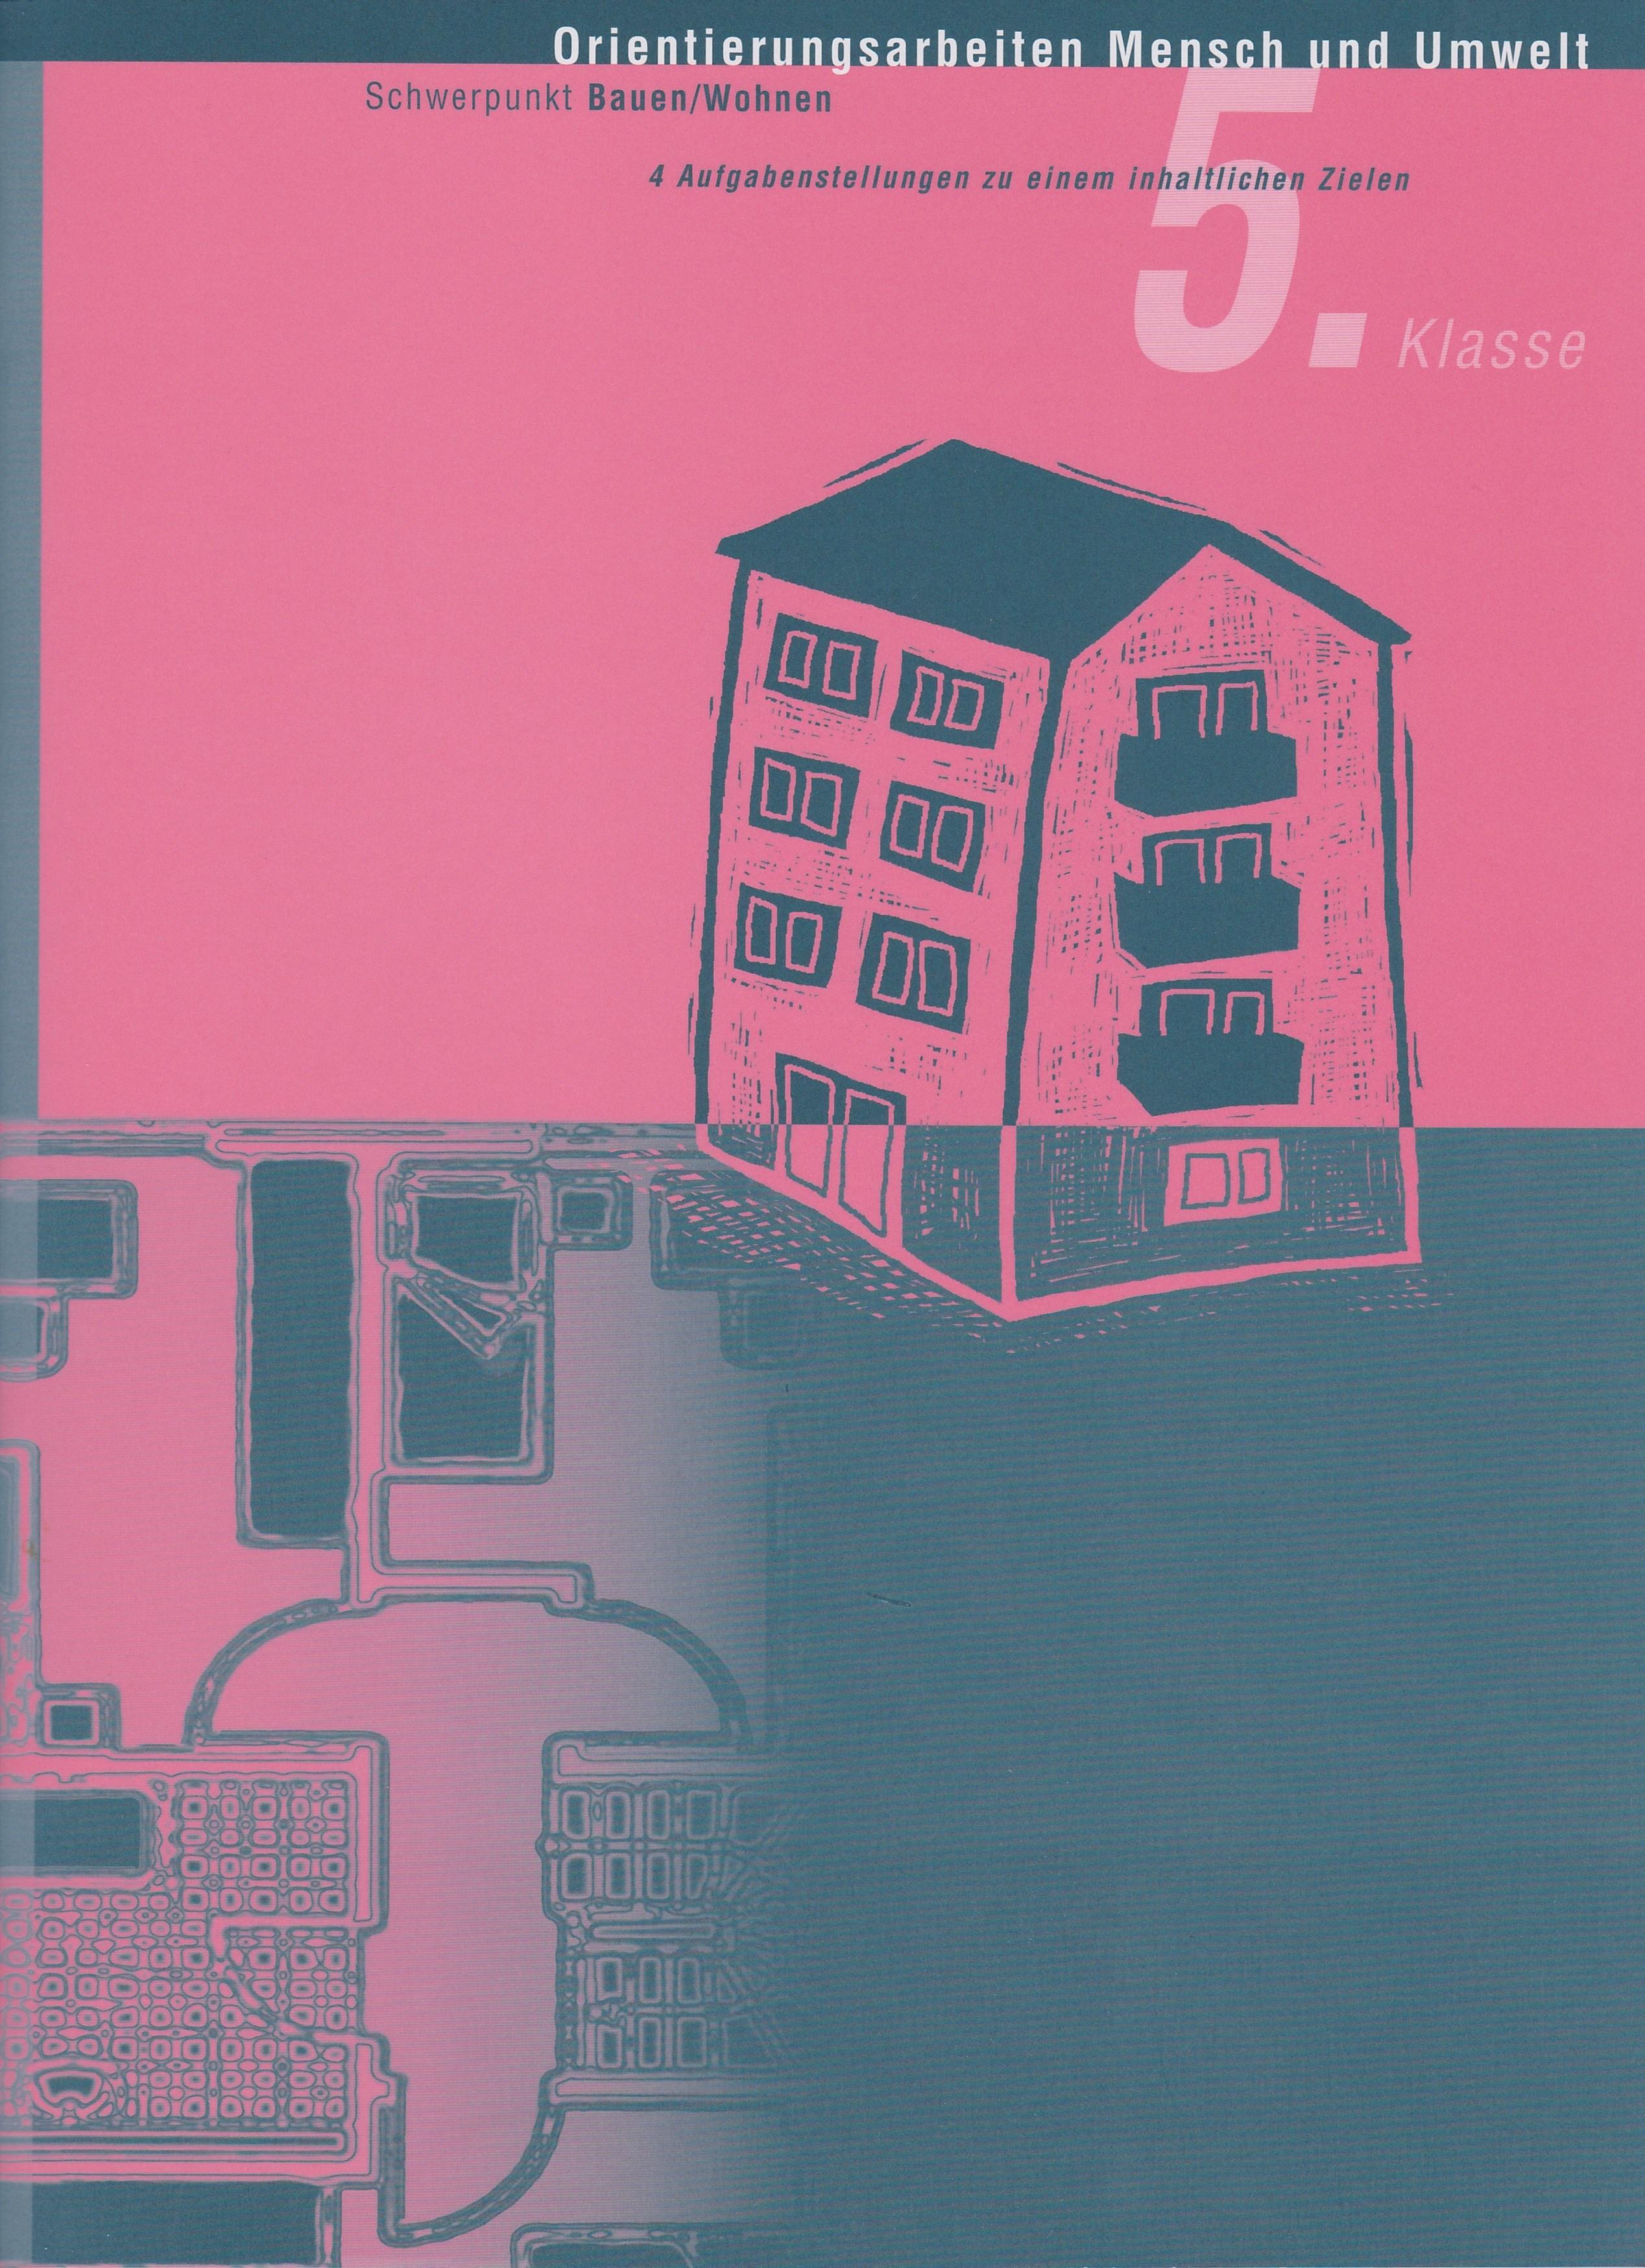 Preview image for LOM object Orientierungsarbeit Mensch und Umwelt 5: Verschieden wohnen - verschieden bauen